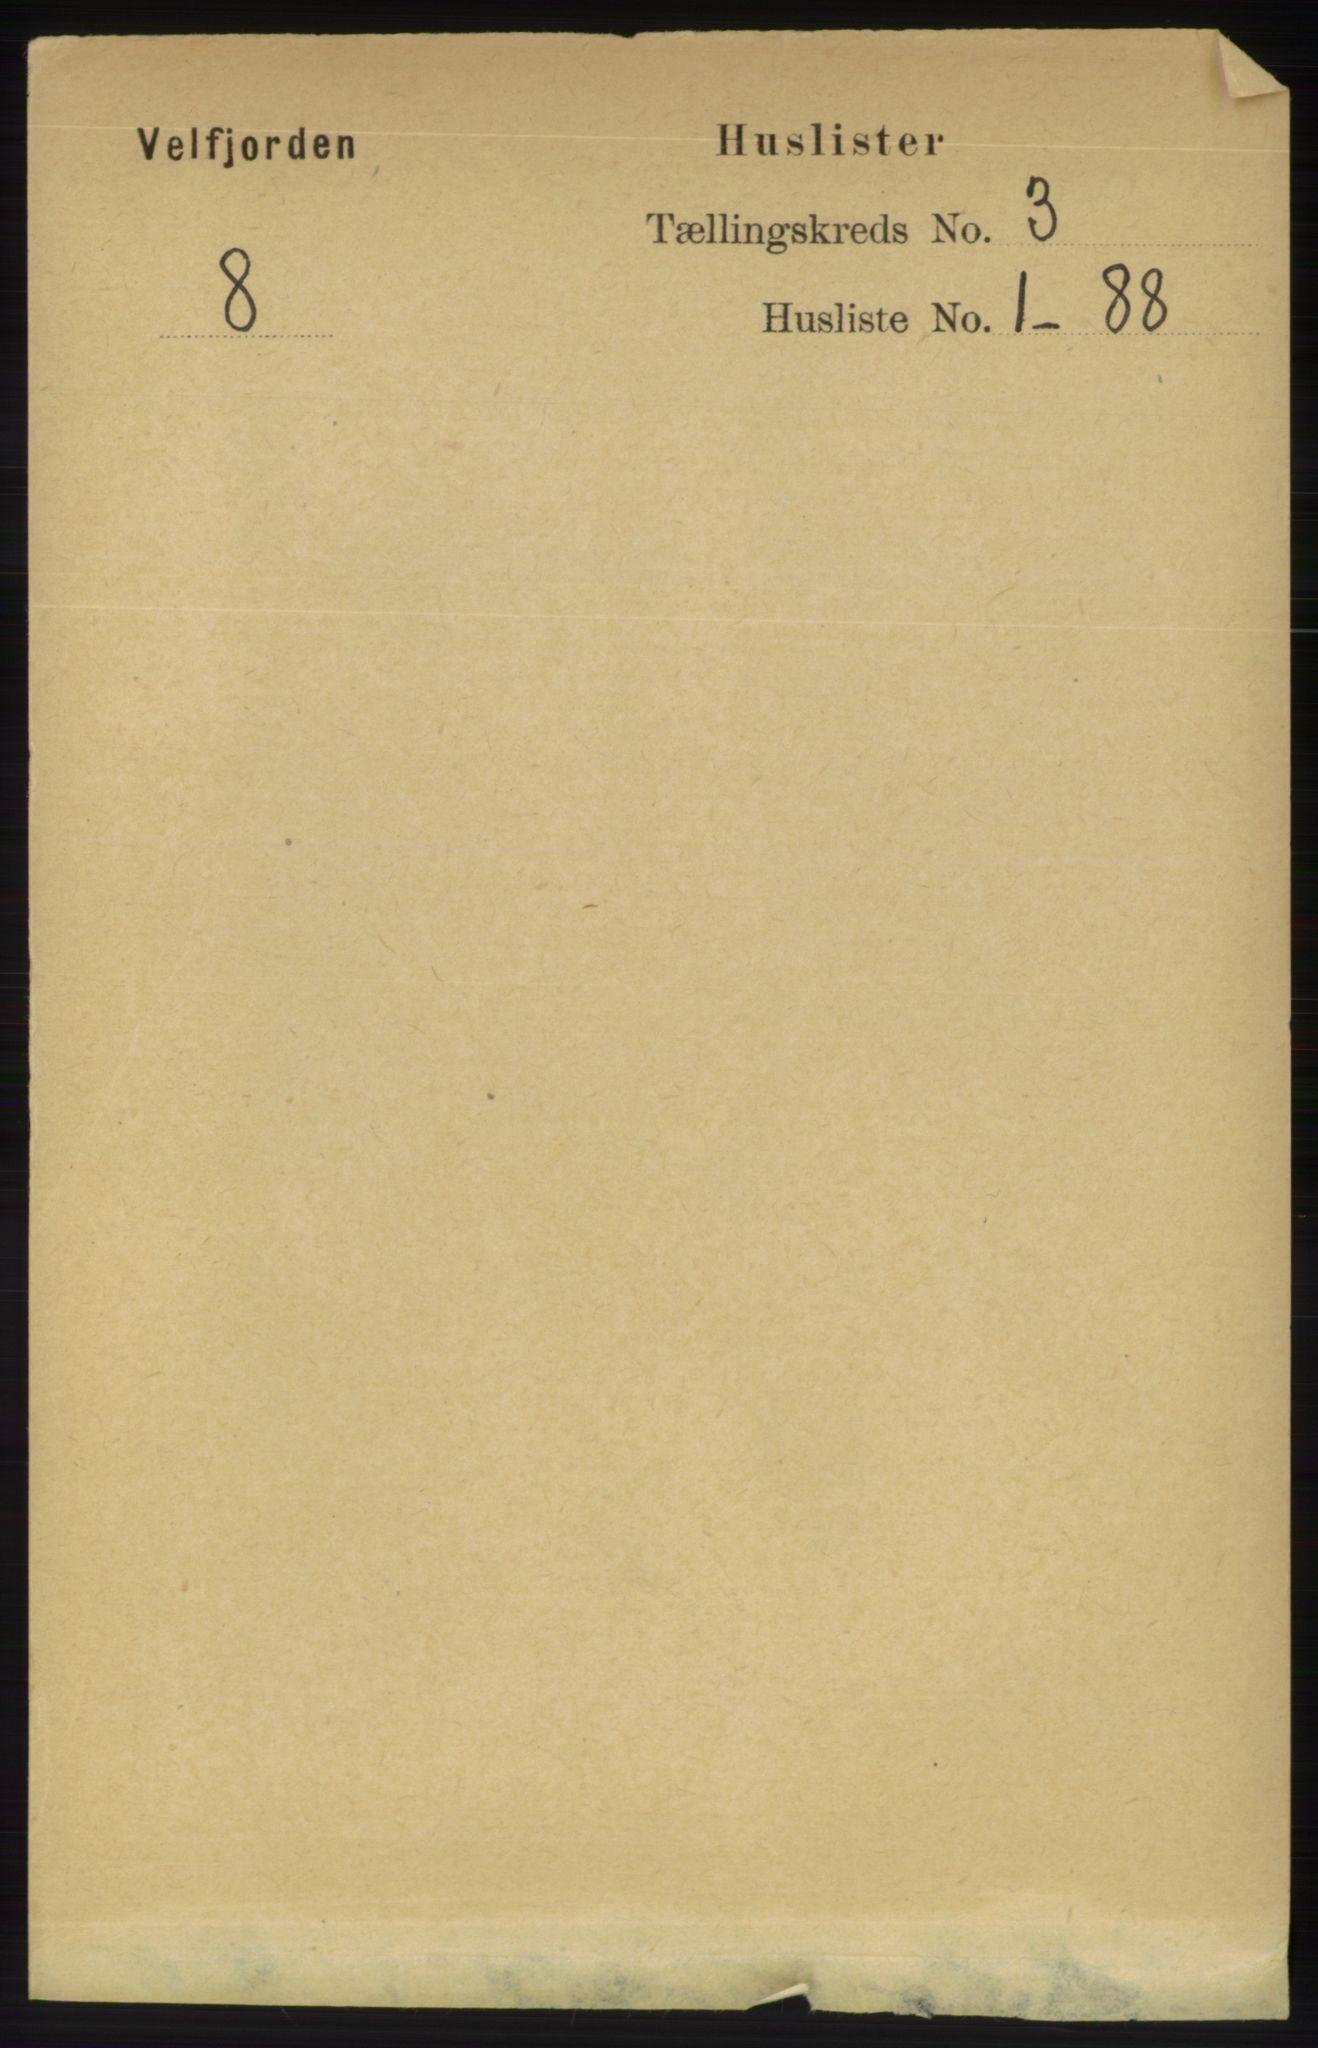 RA, Folketelling 1891 for 1813 Velfjord herred, 1891, s. 940